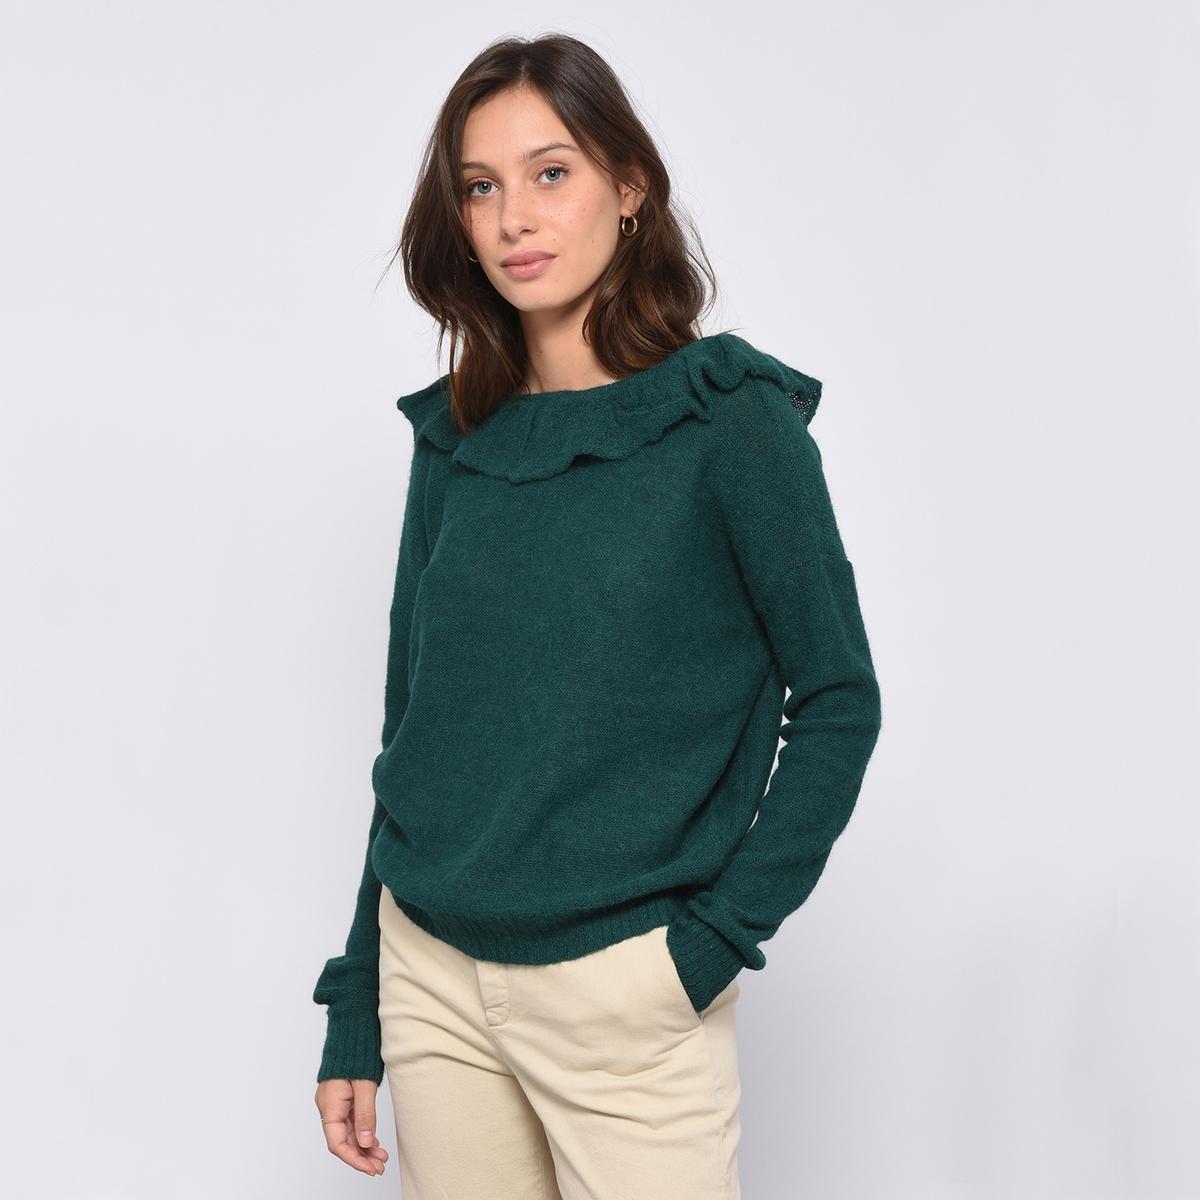 Пуловер с V-образным вырезом из тонкого трикотажа LOTERIA